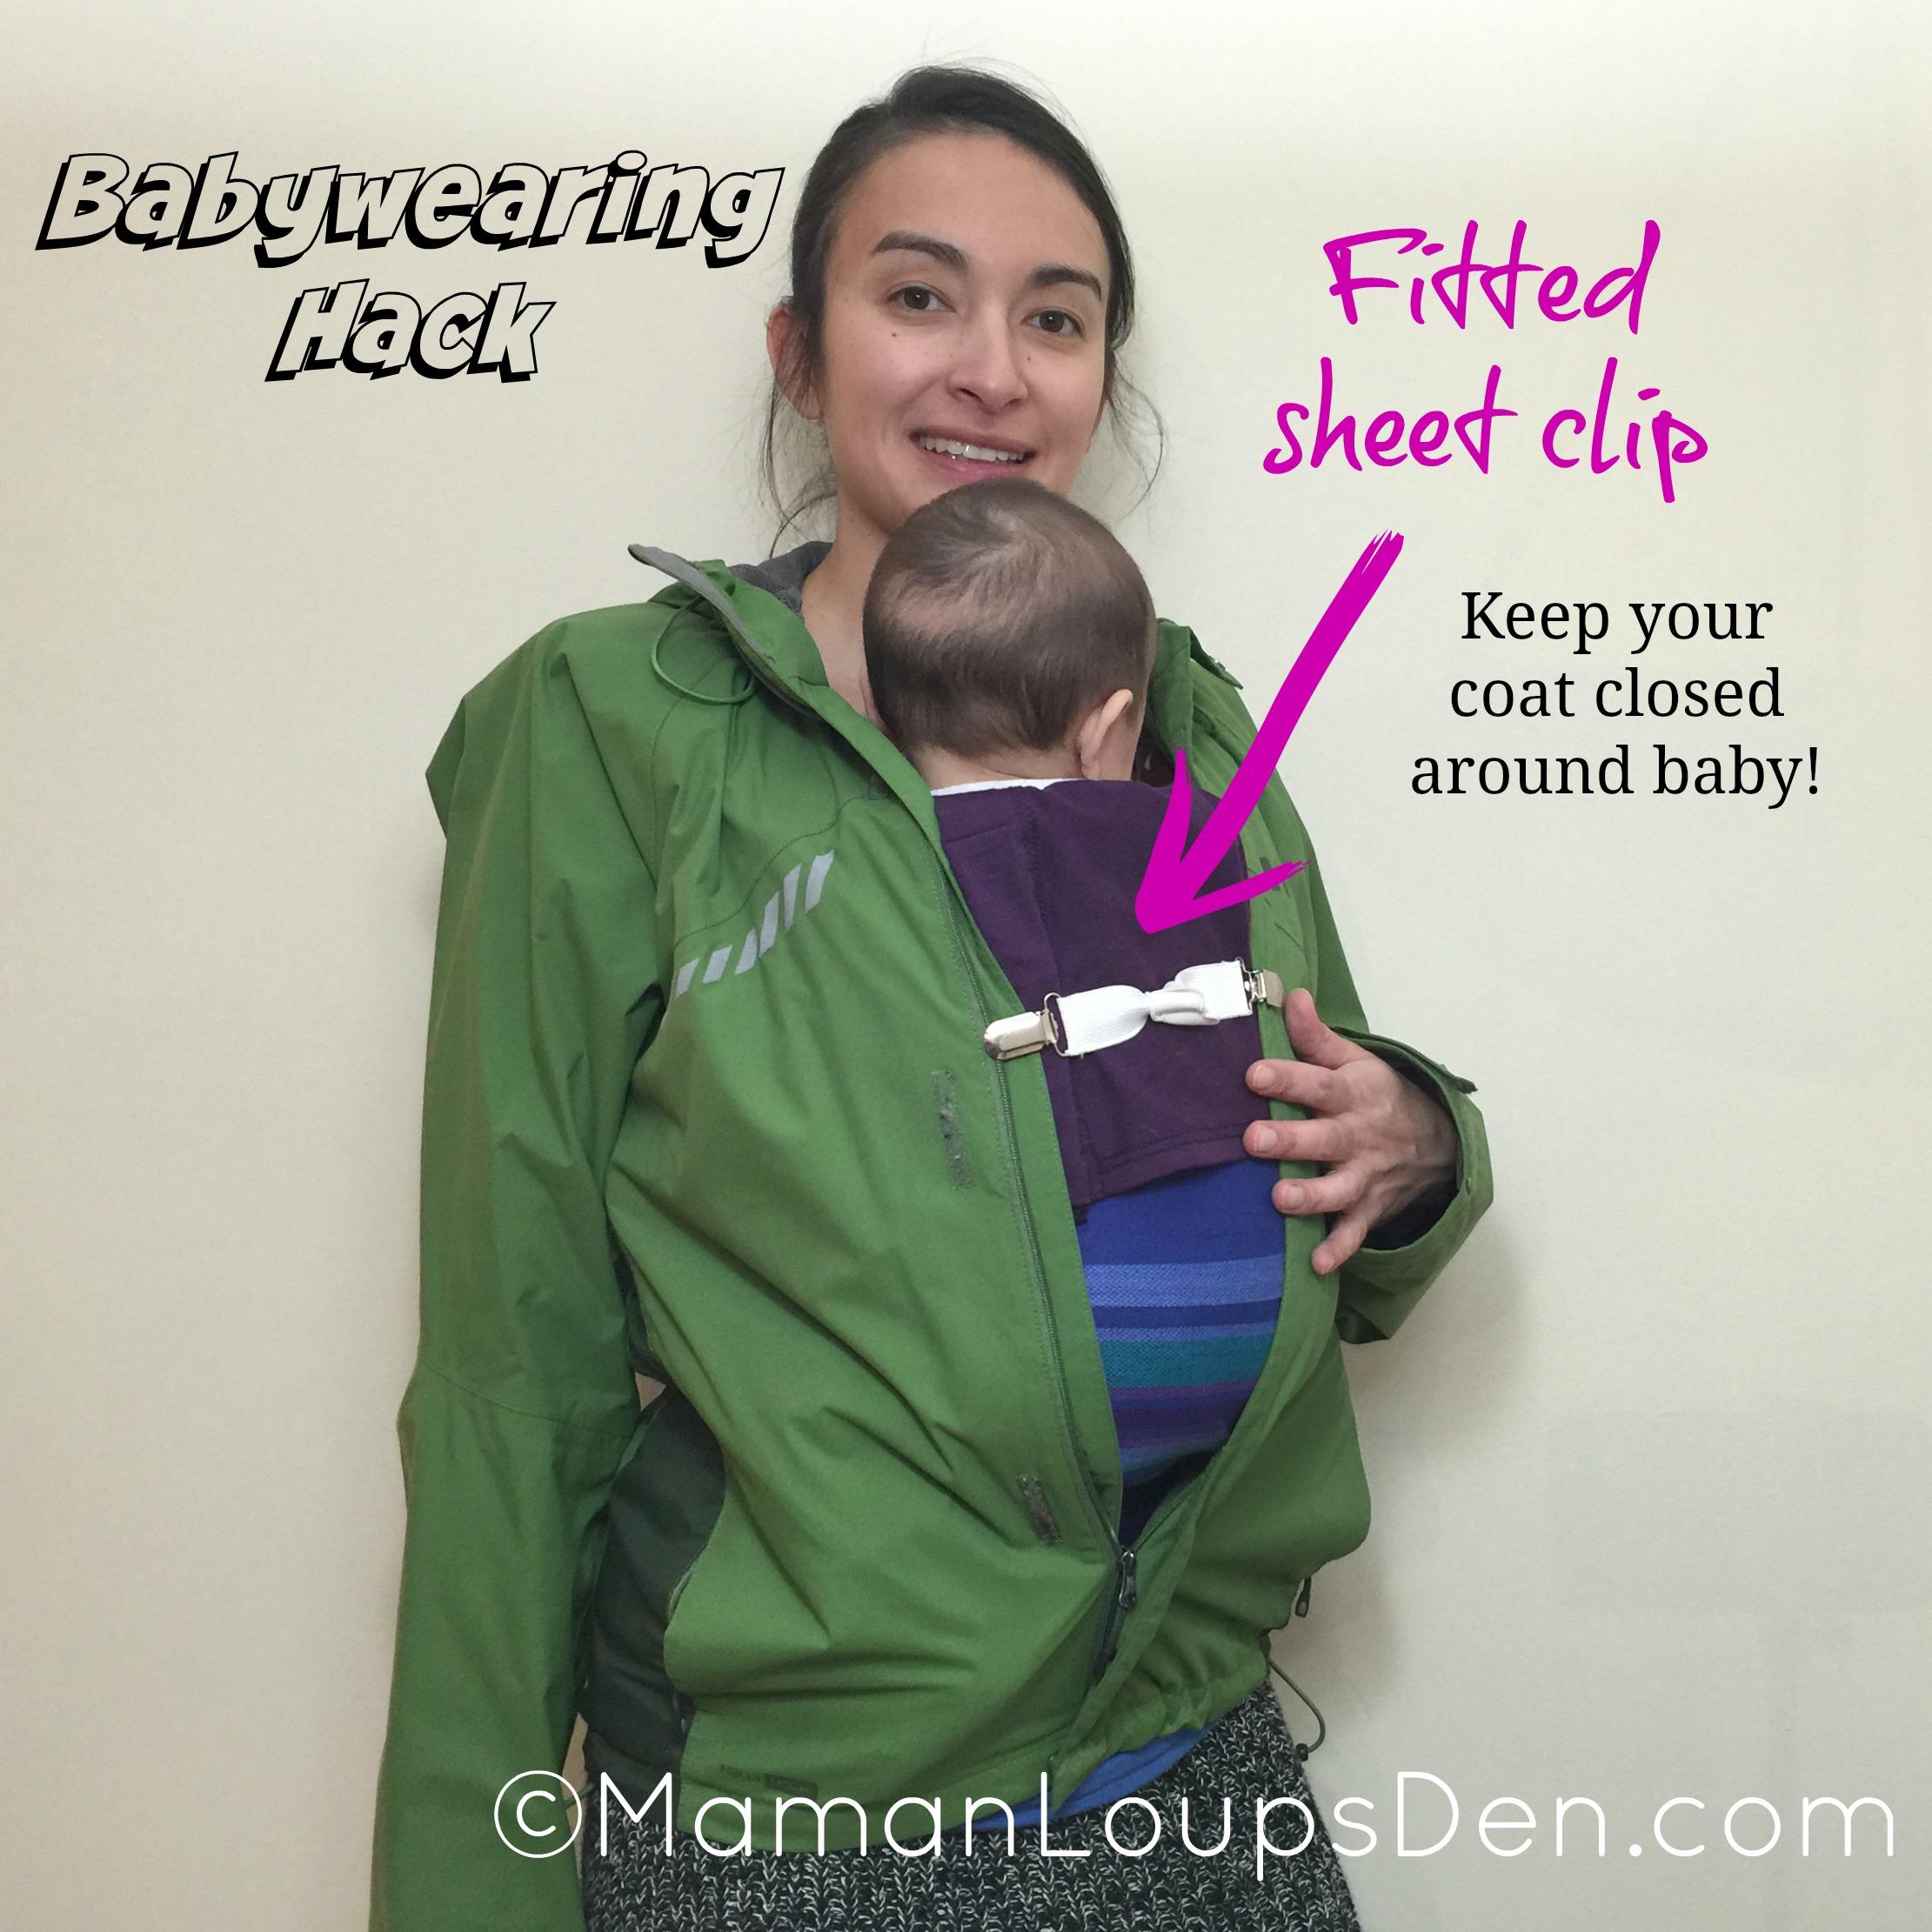 Inexpensive Babywearing Hacks